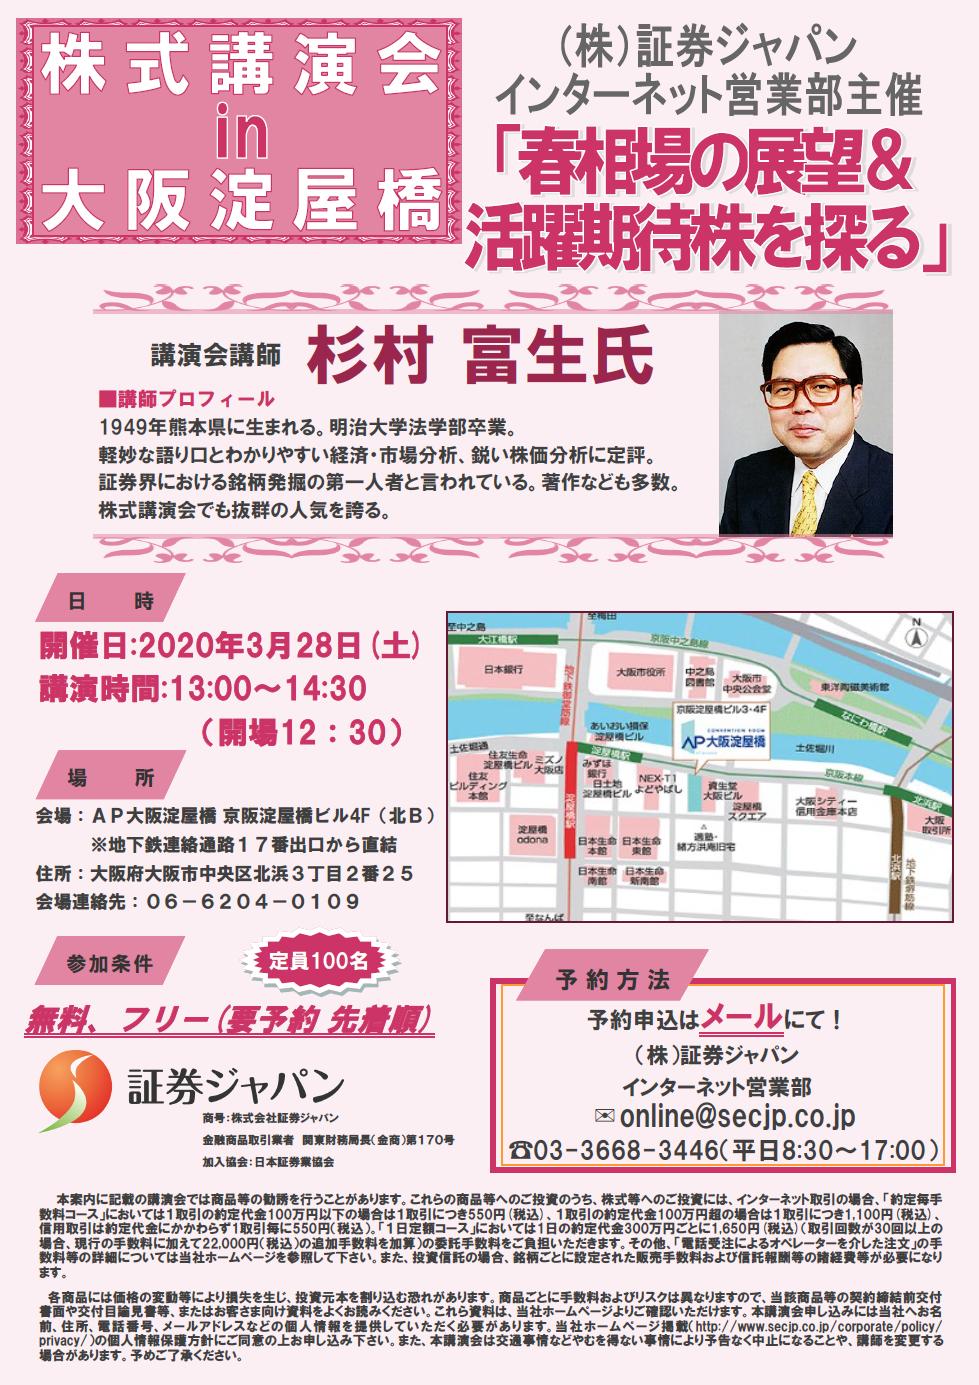 20200328株式講演会in大阪淀屋橋.png